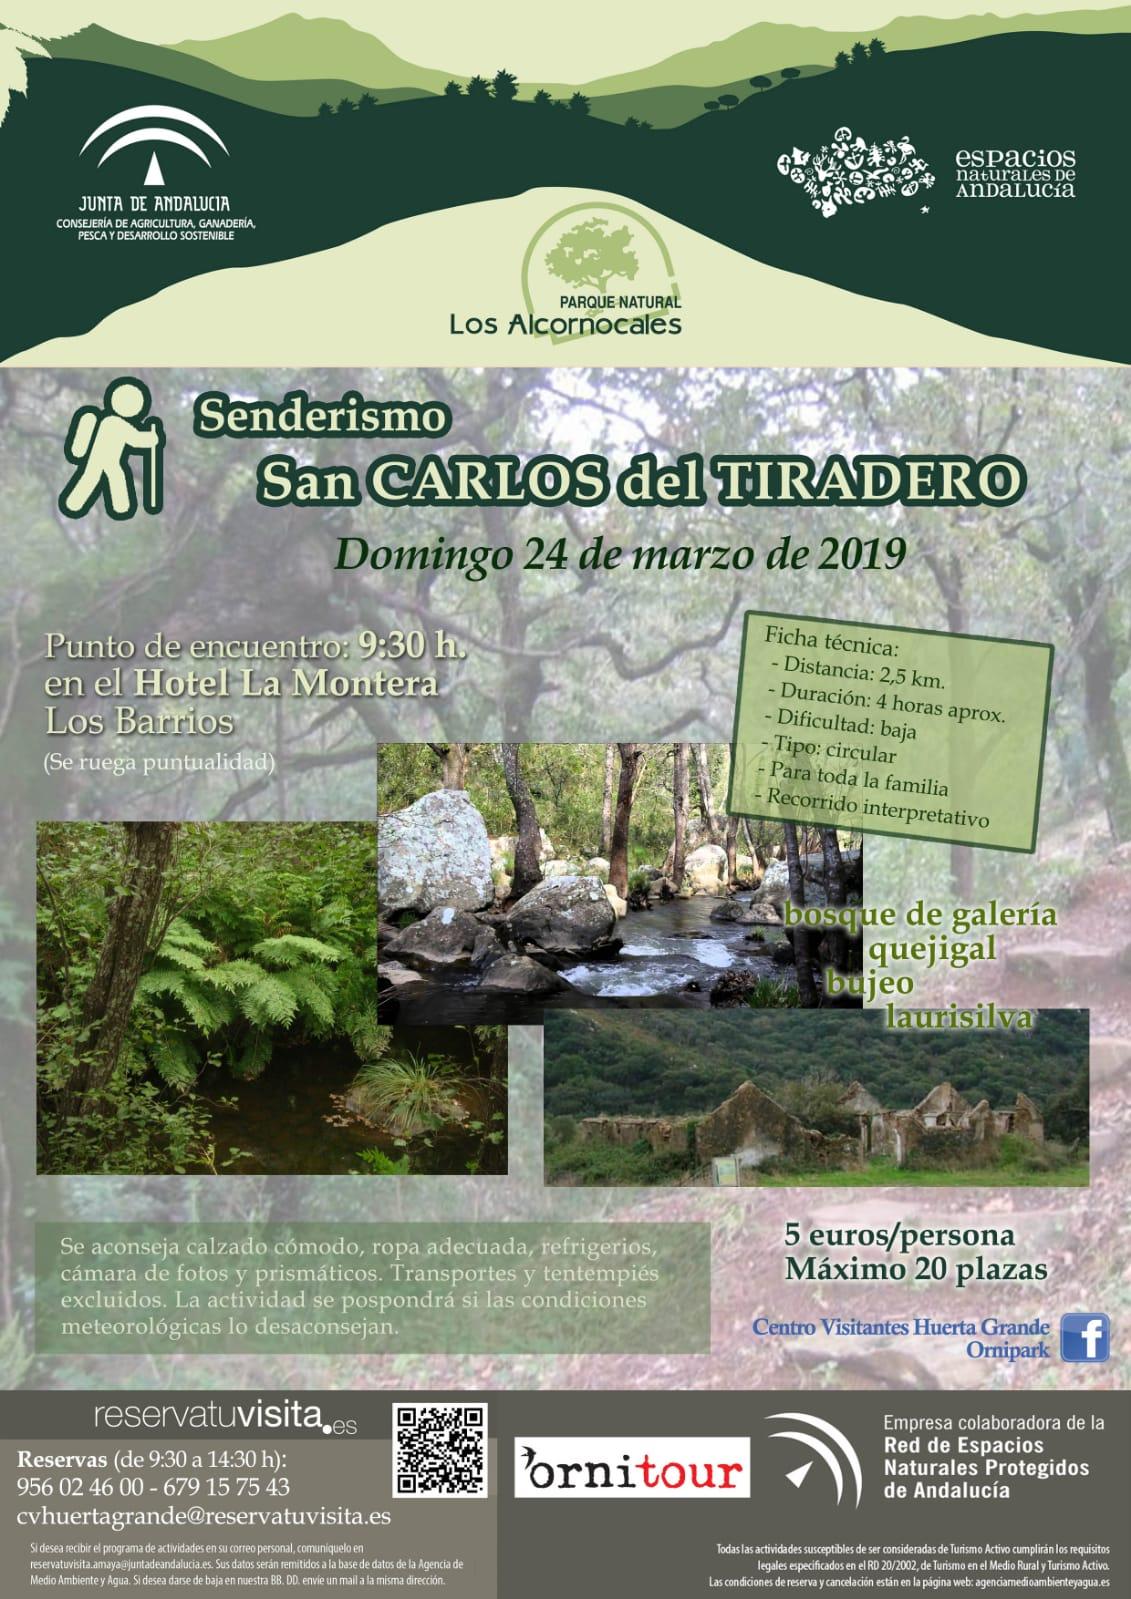 Domingo 24 de marzo, Sendero San Carlos del Tiradero.